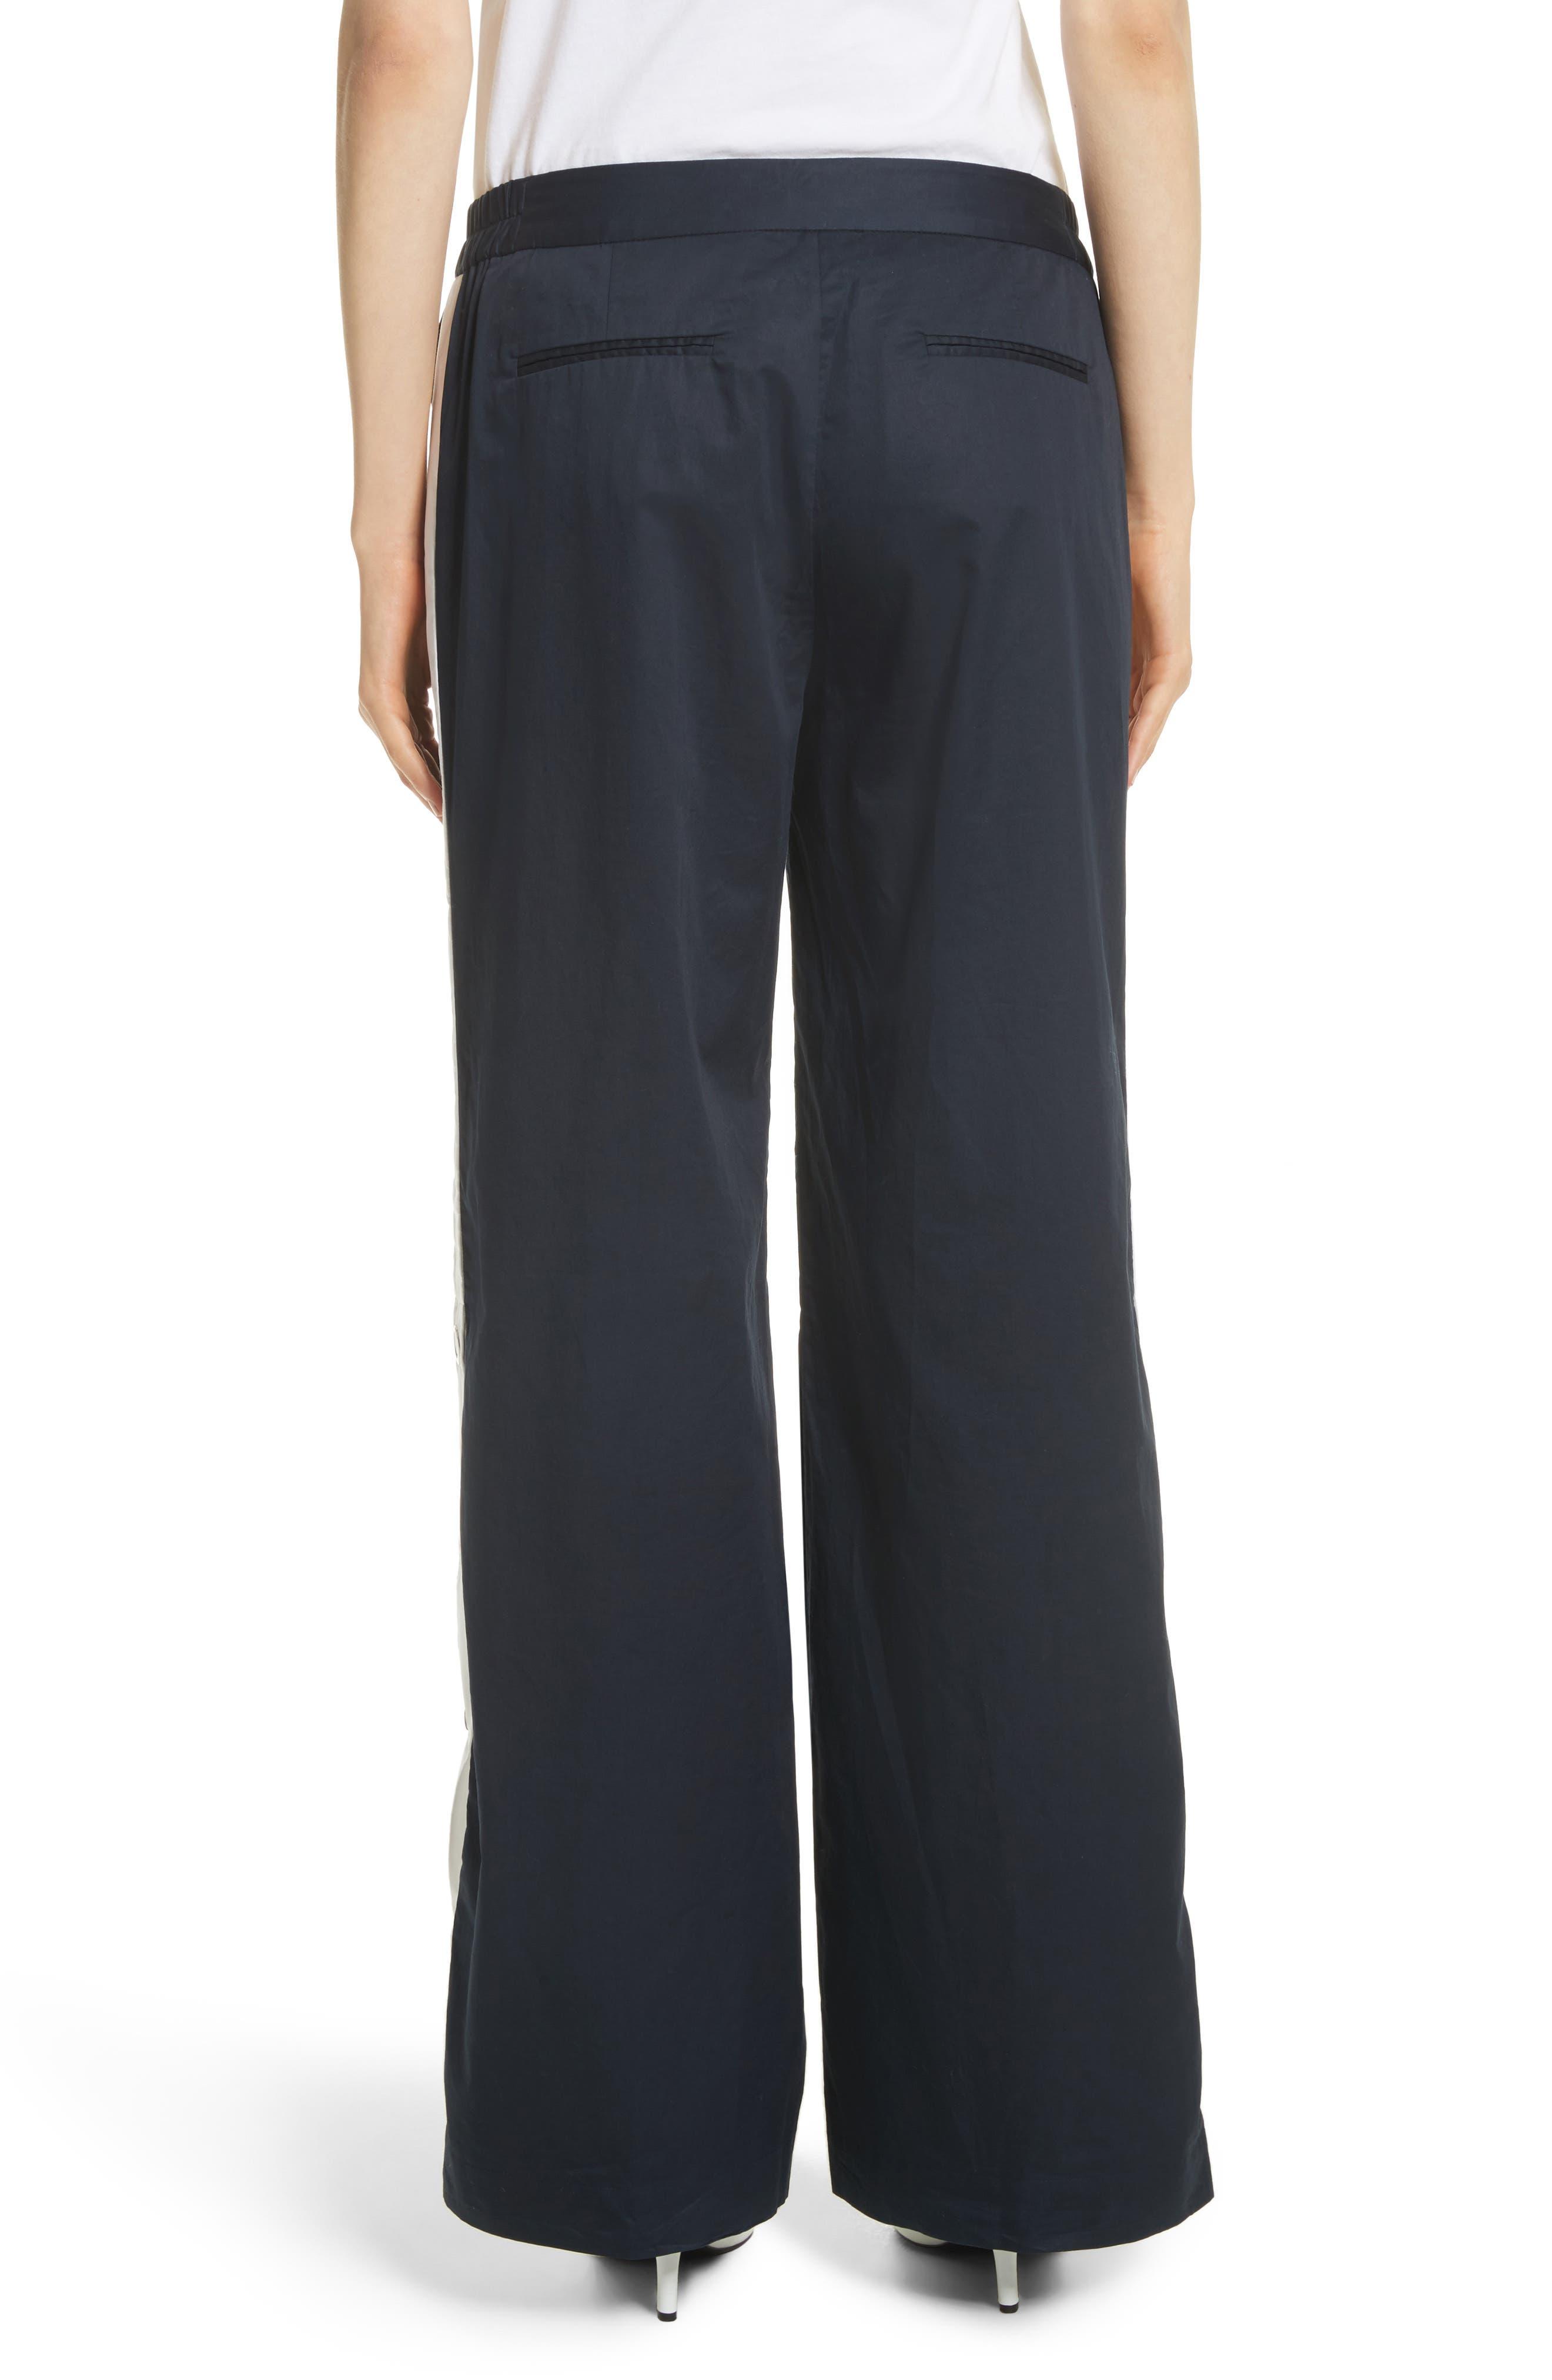 Arwen Wide Leg Cotton Pants,                             Alternate thumbnail 2, color,                             005